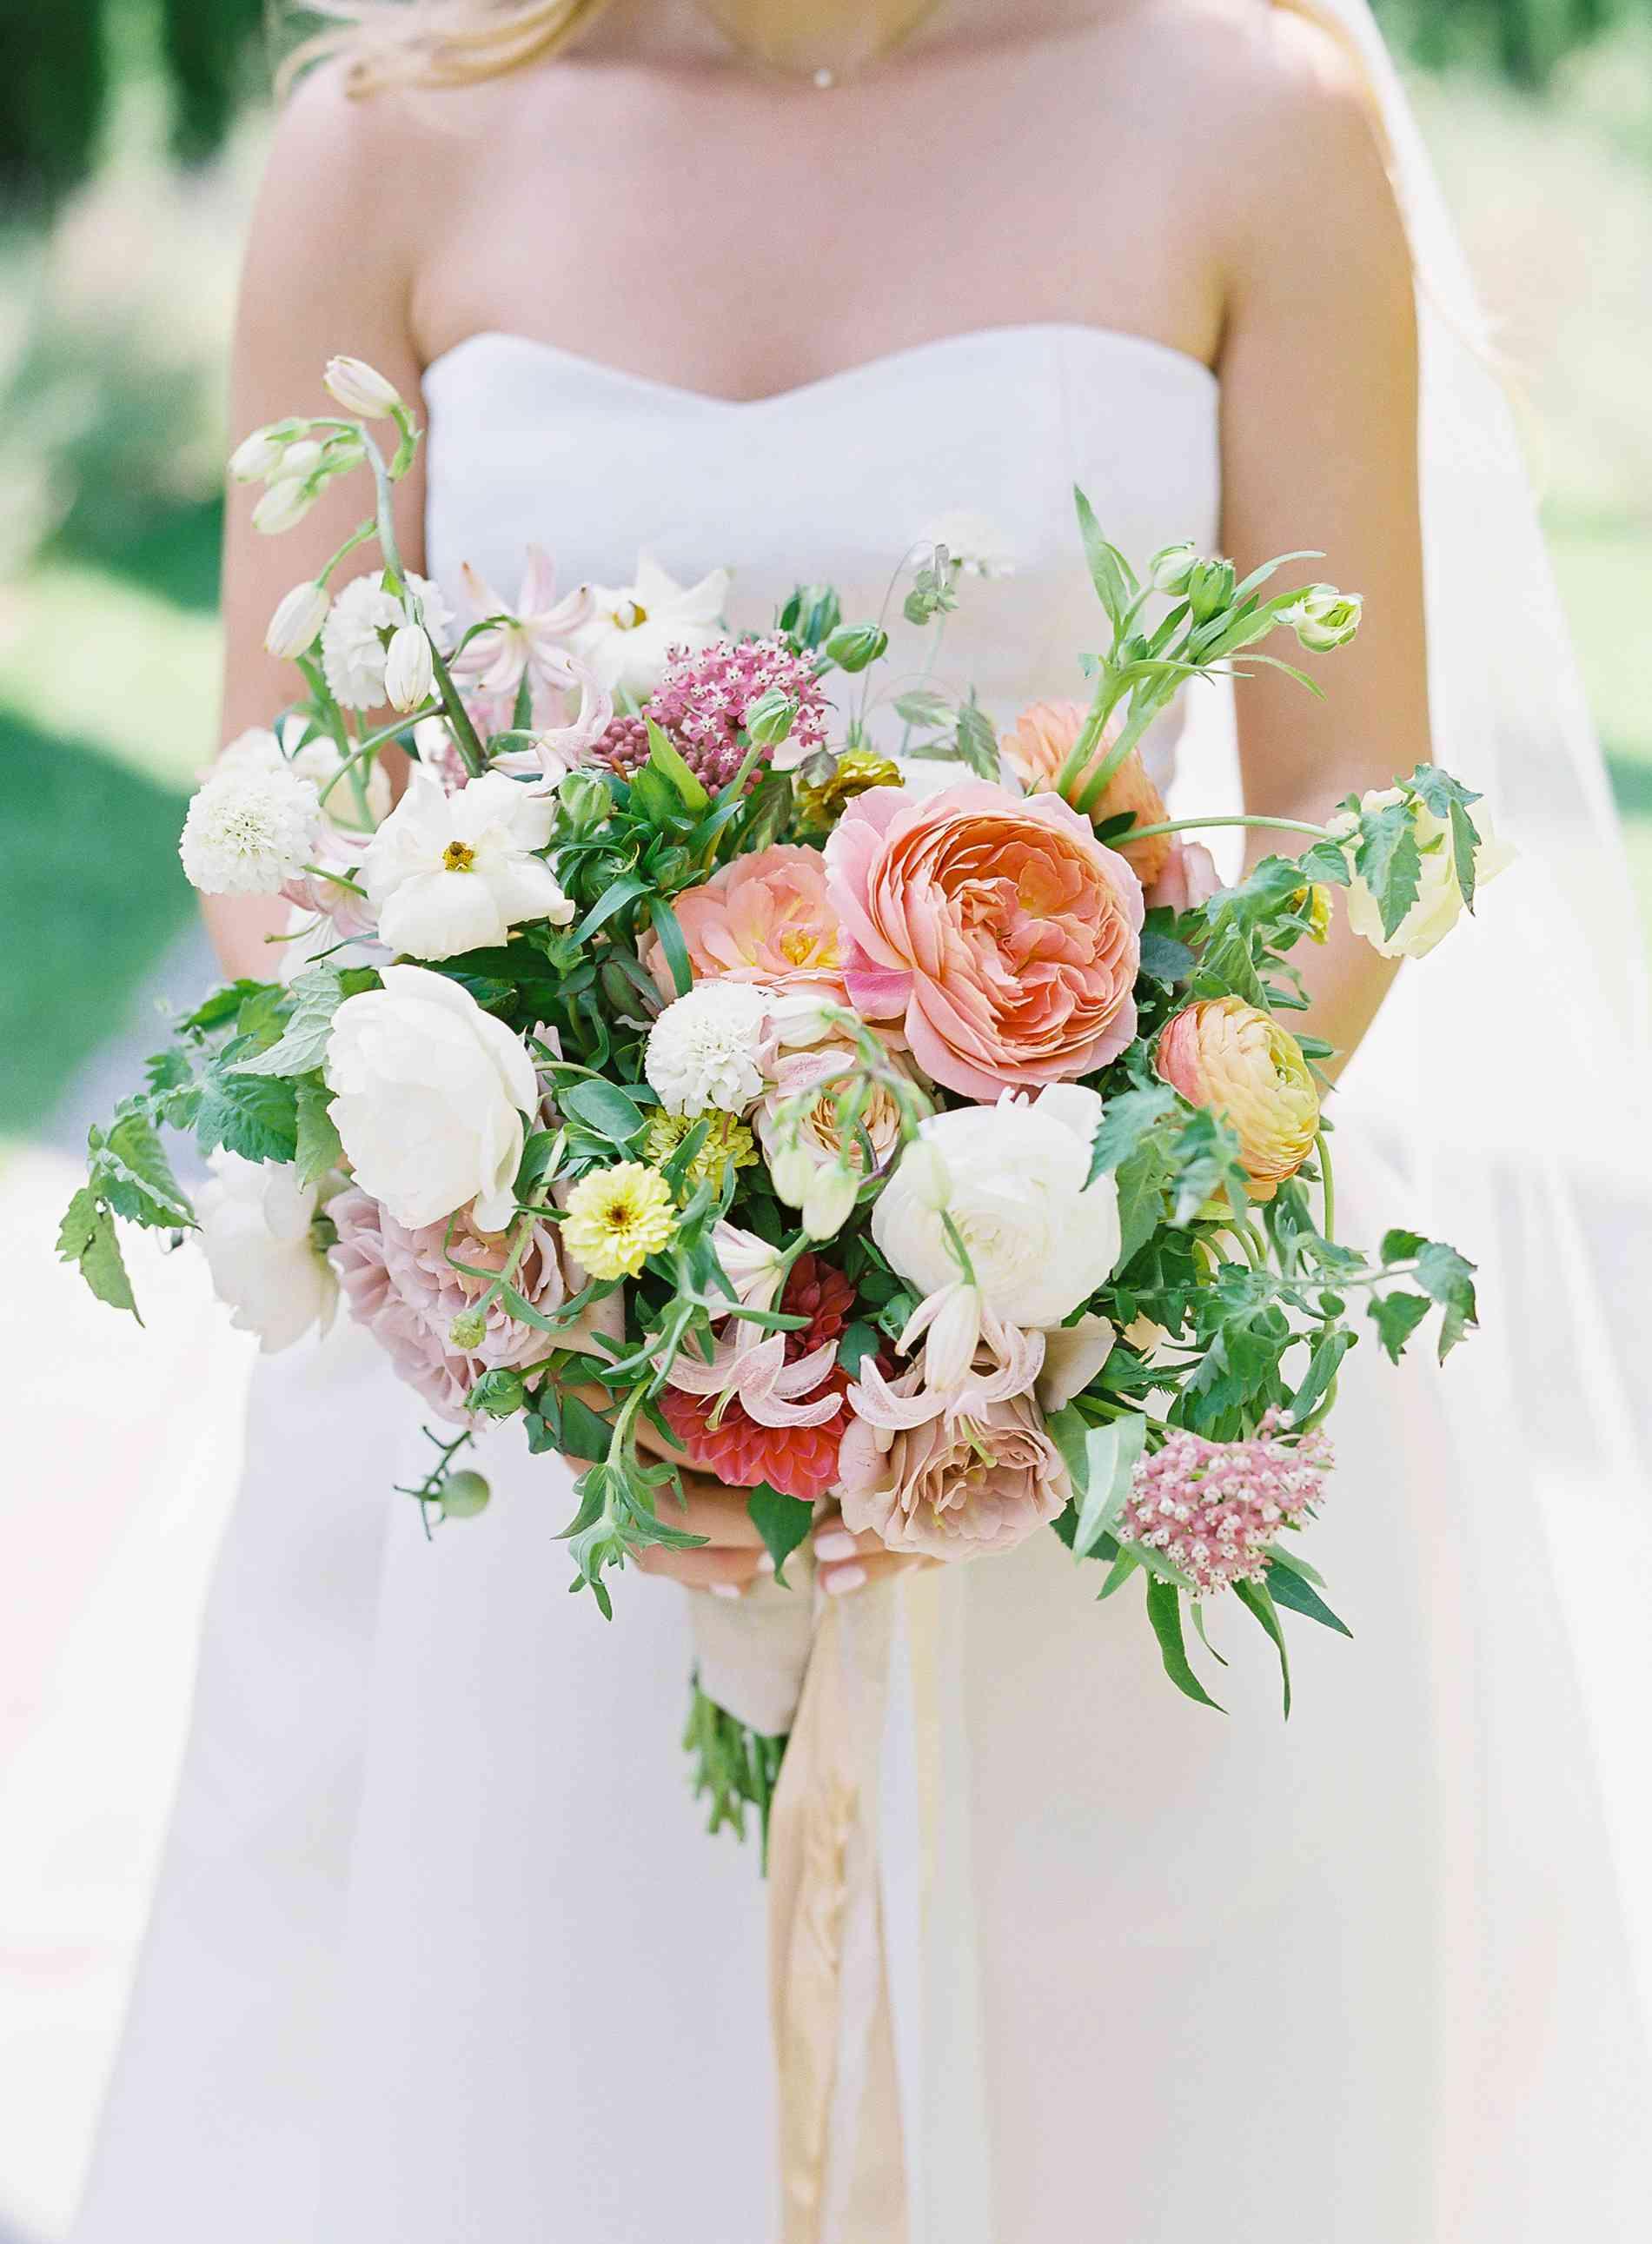 Closeup wedding bouquet